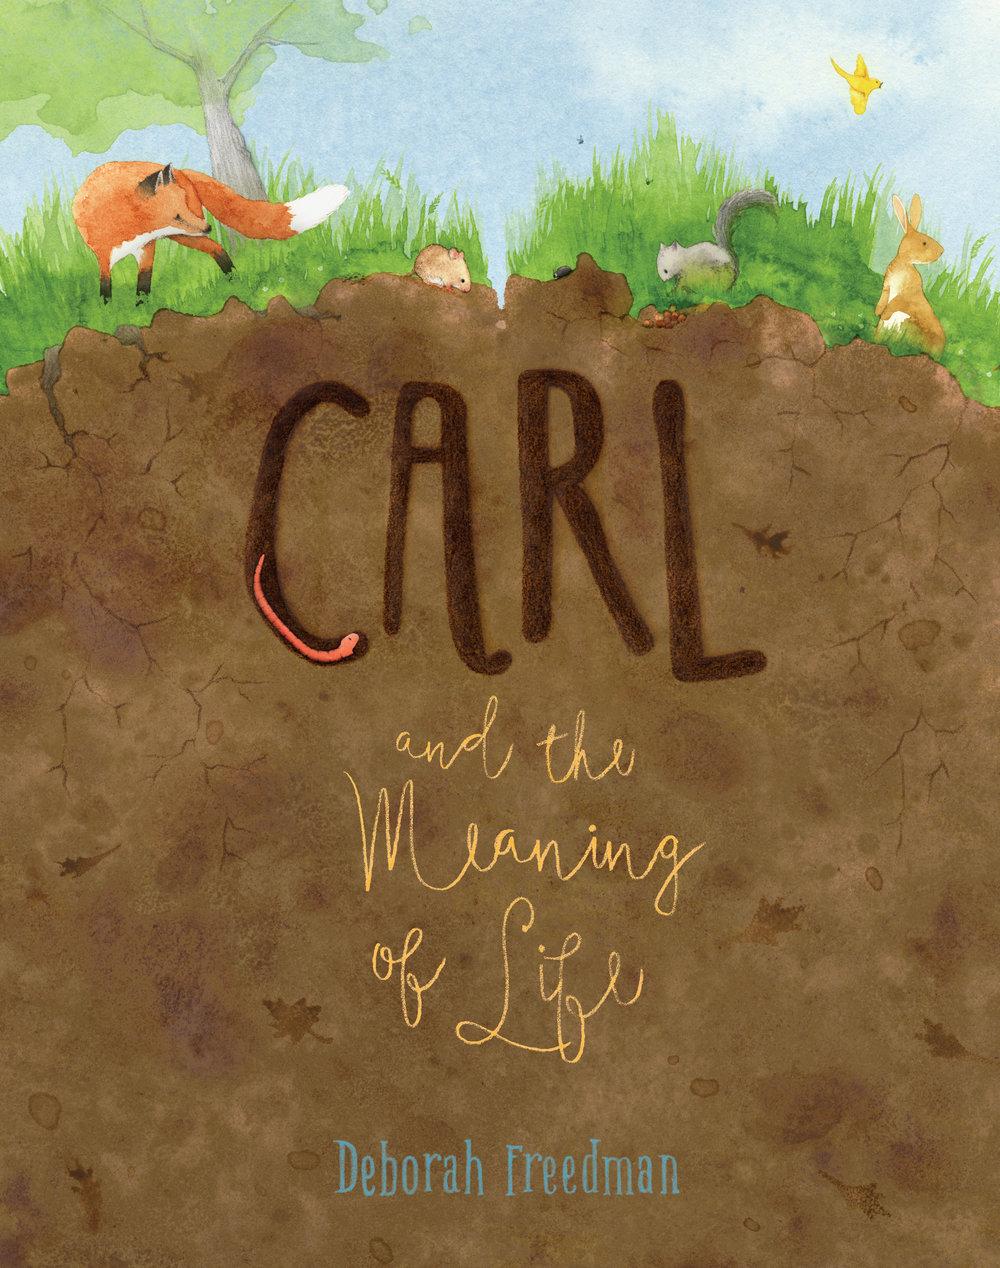 CARL, Viking 2019